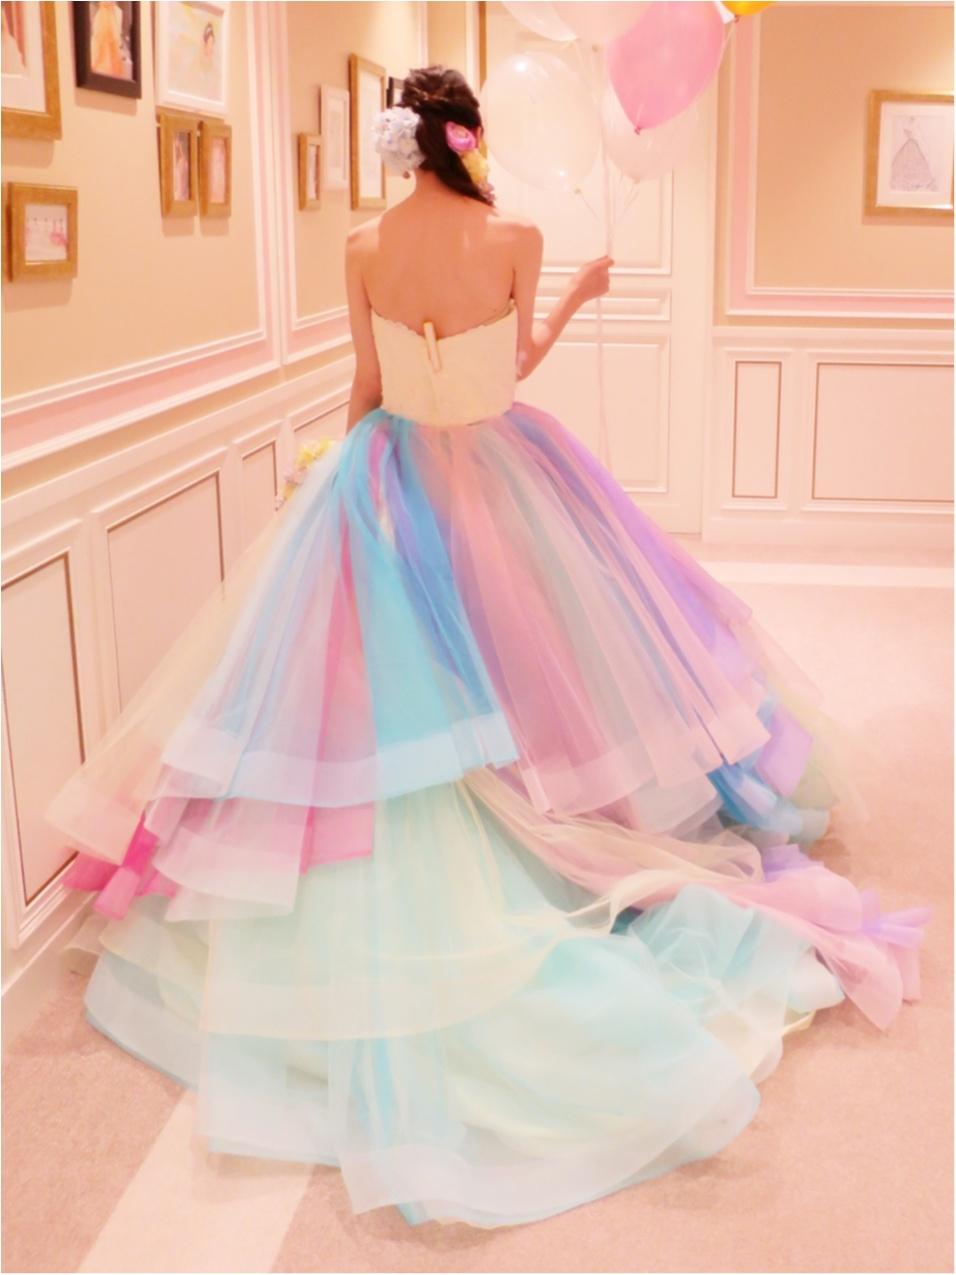 【Wedding】ウェディングドレス《 THE HANY(ザハニー) 》で人気No.1のレインボードレスがかわいすぎる♡_6